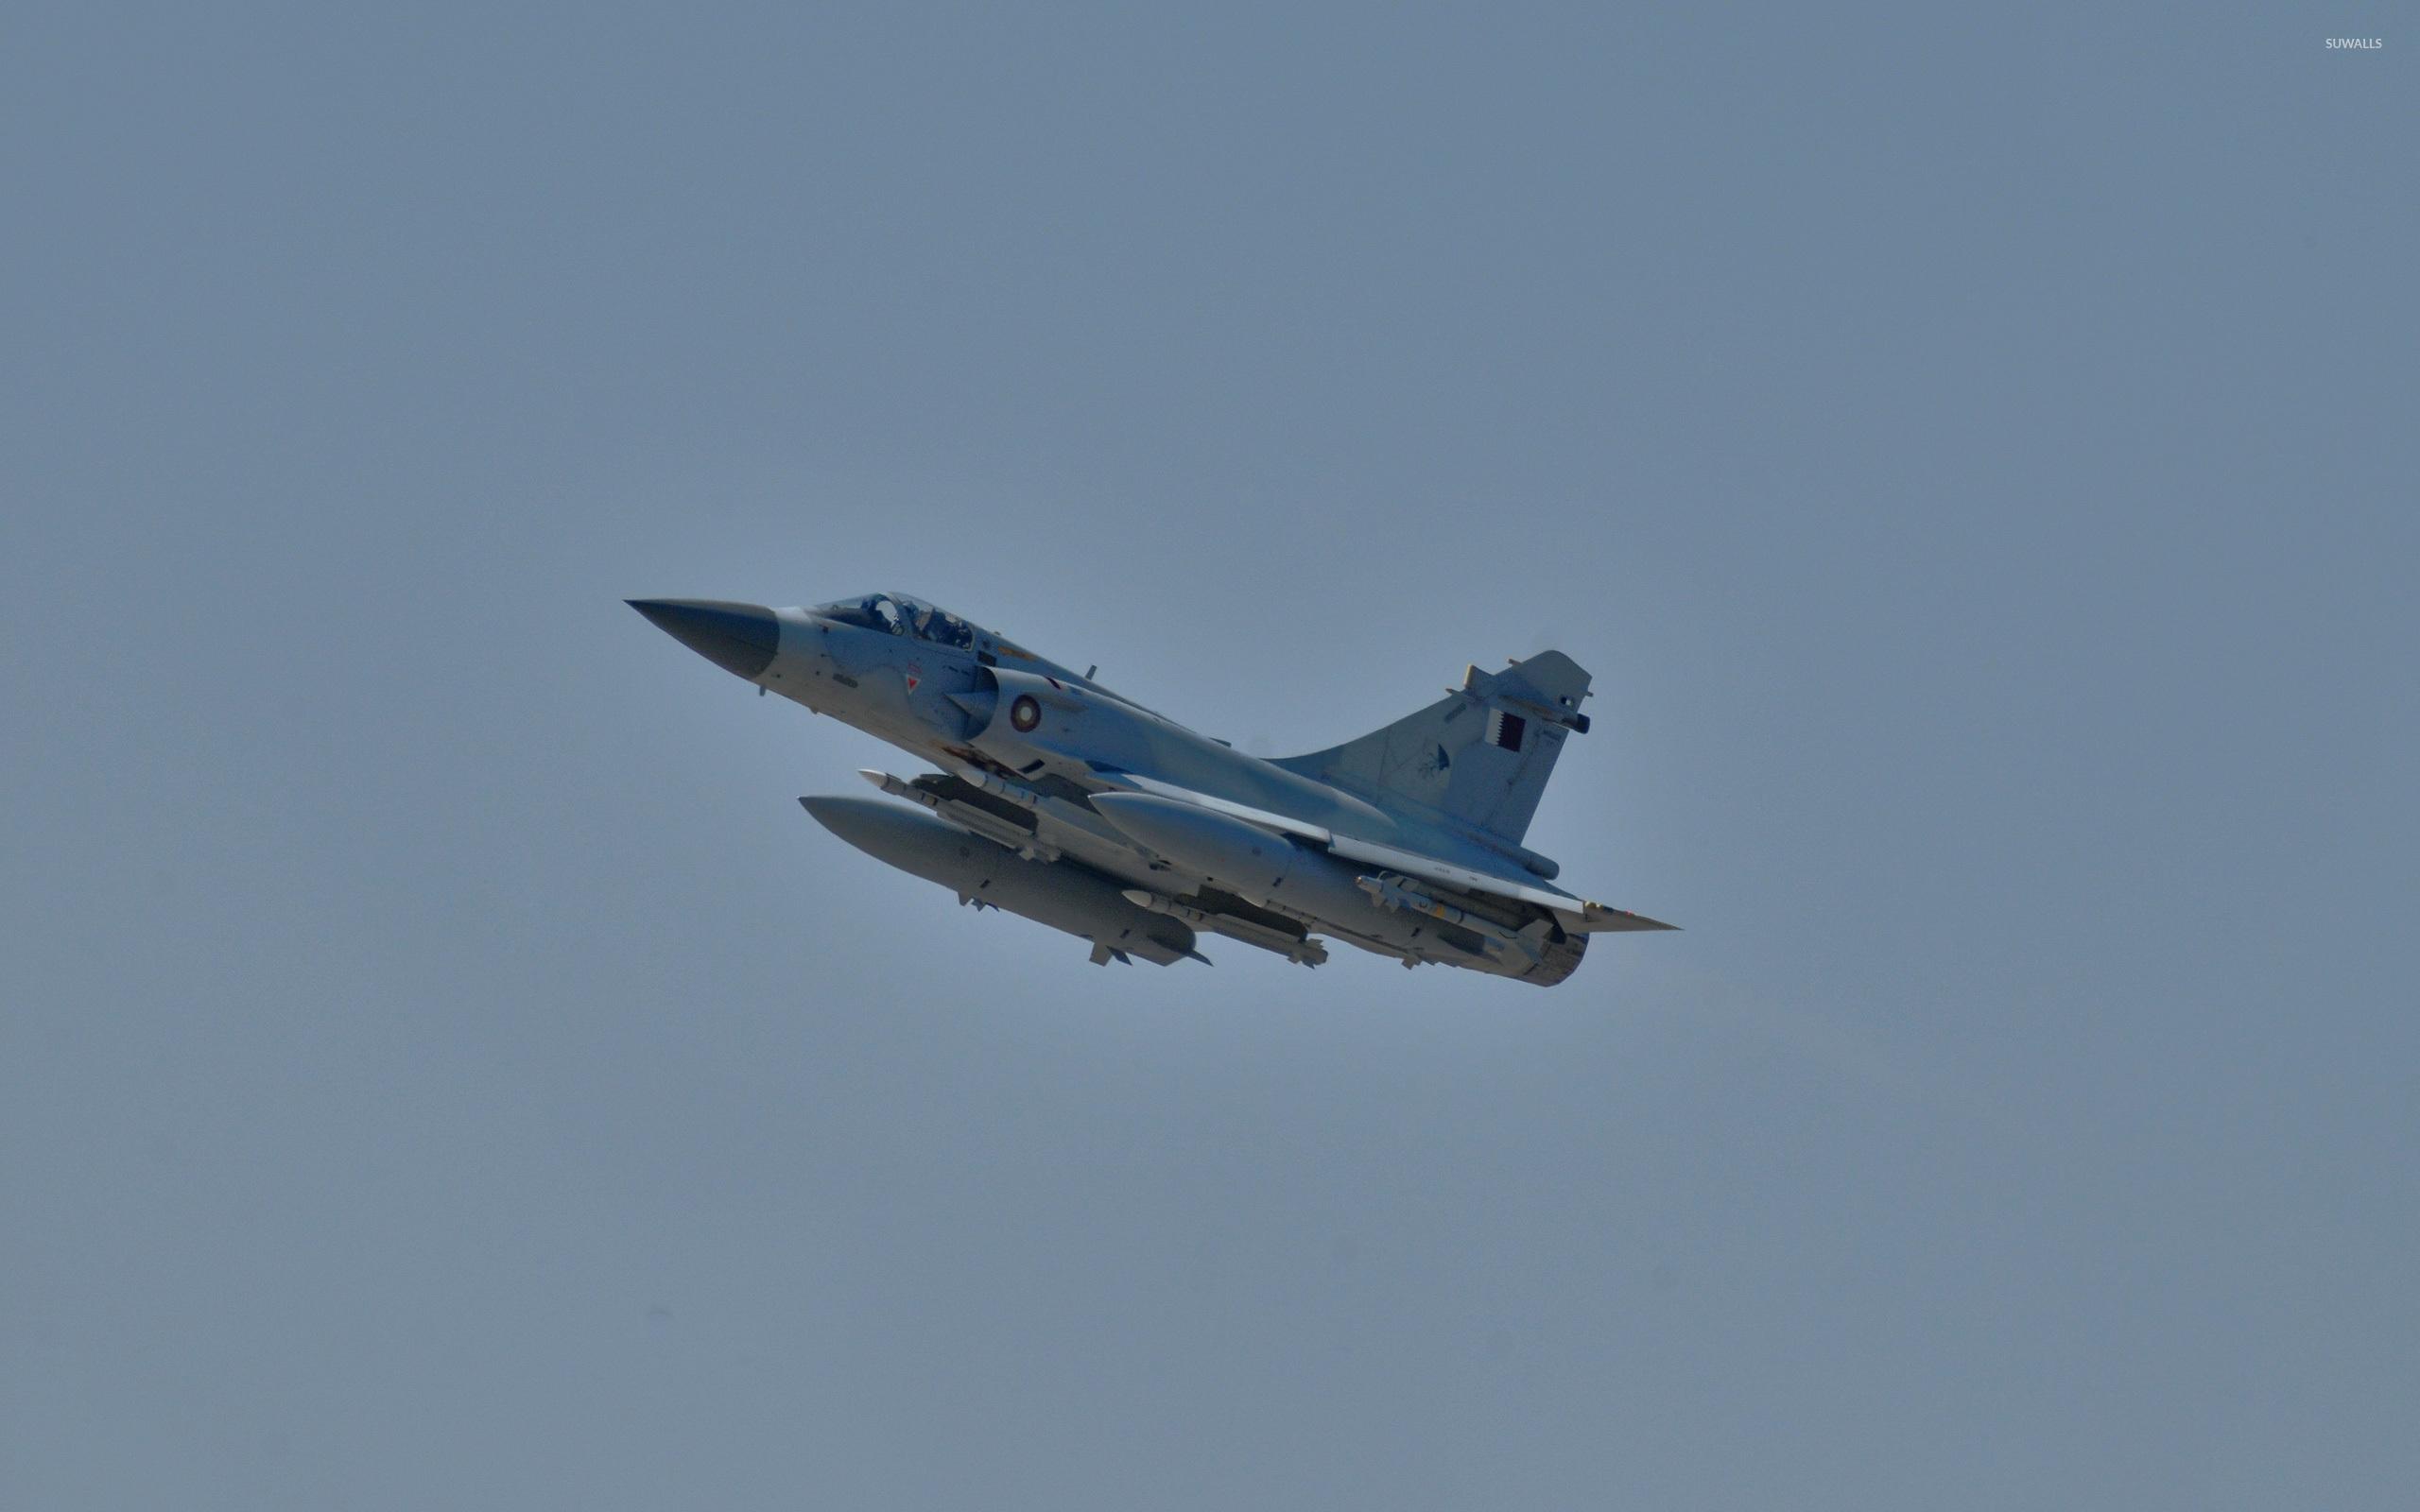 Dassault Mirage 2000 3 Wallpaper Aircraft Wallpapers 8052